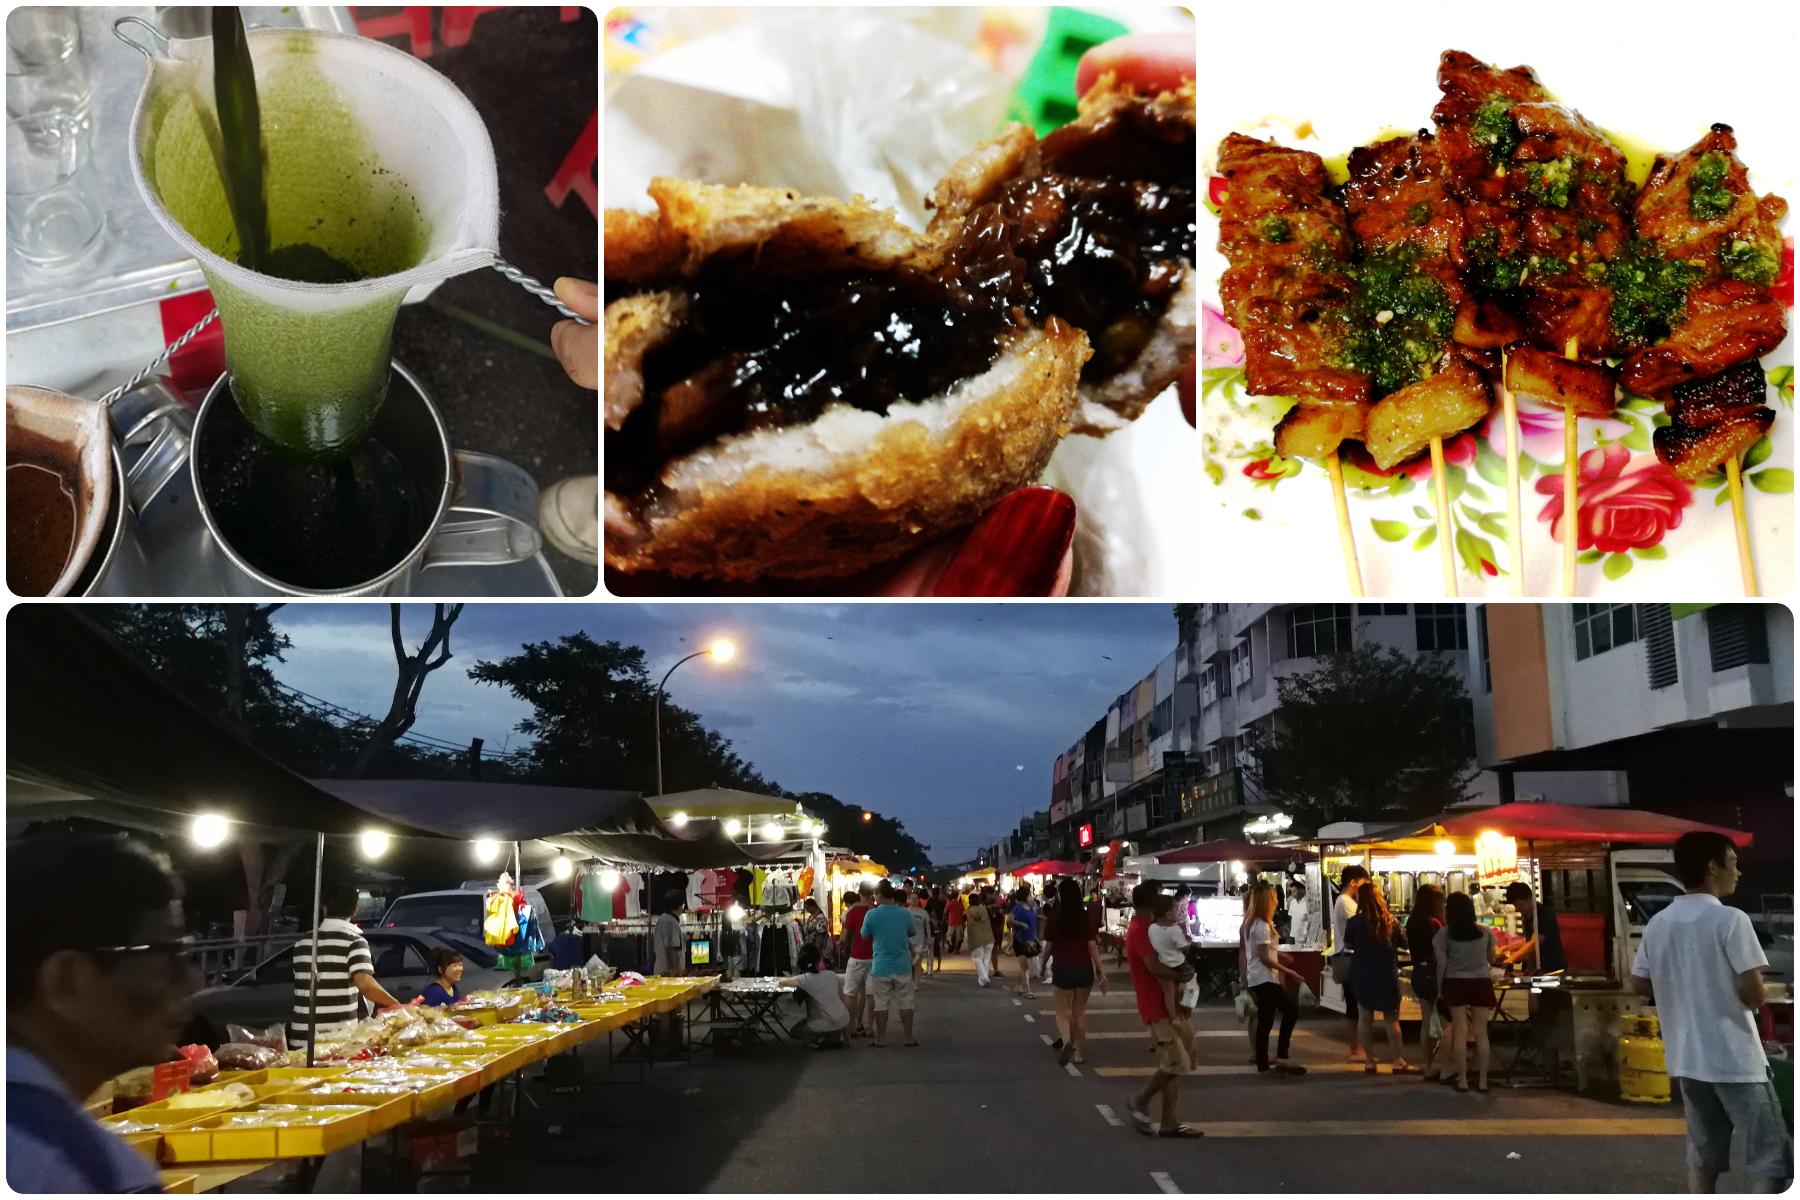 高渊夜市不仅是高渊居民才会来逛,还有周边城镇的居民也会来找美食呢。-M中文网制图-